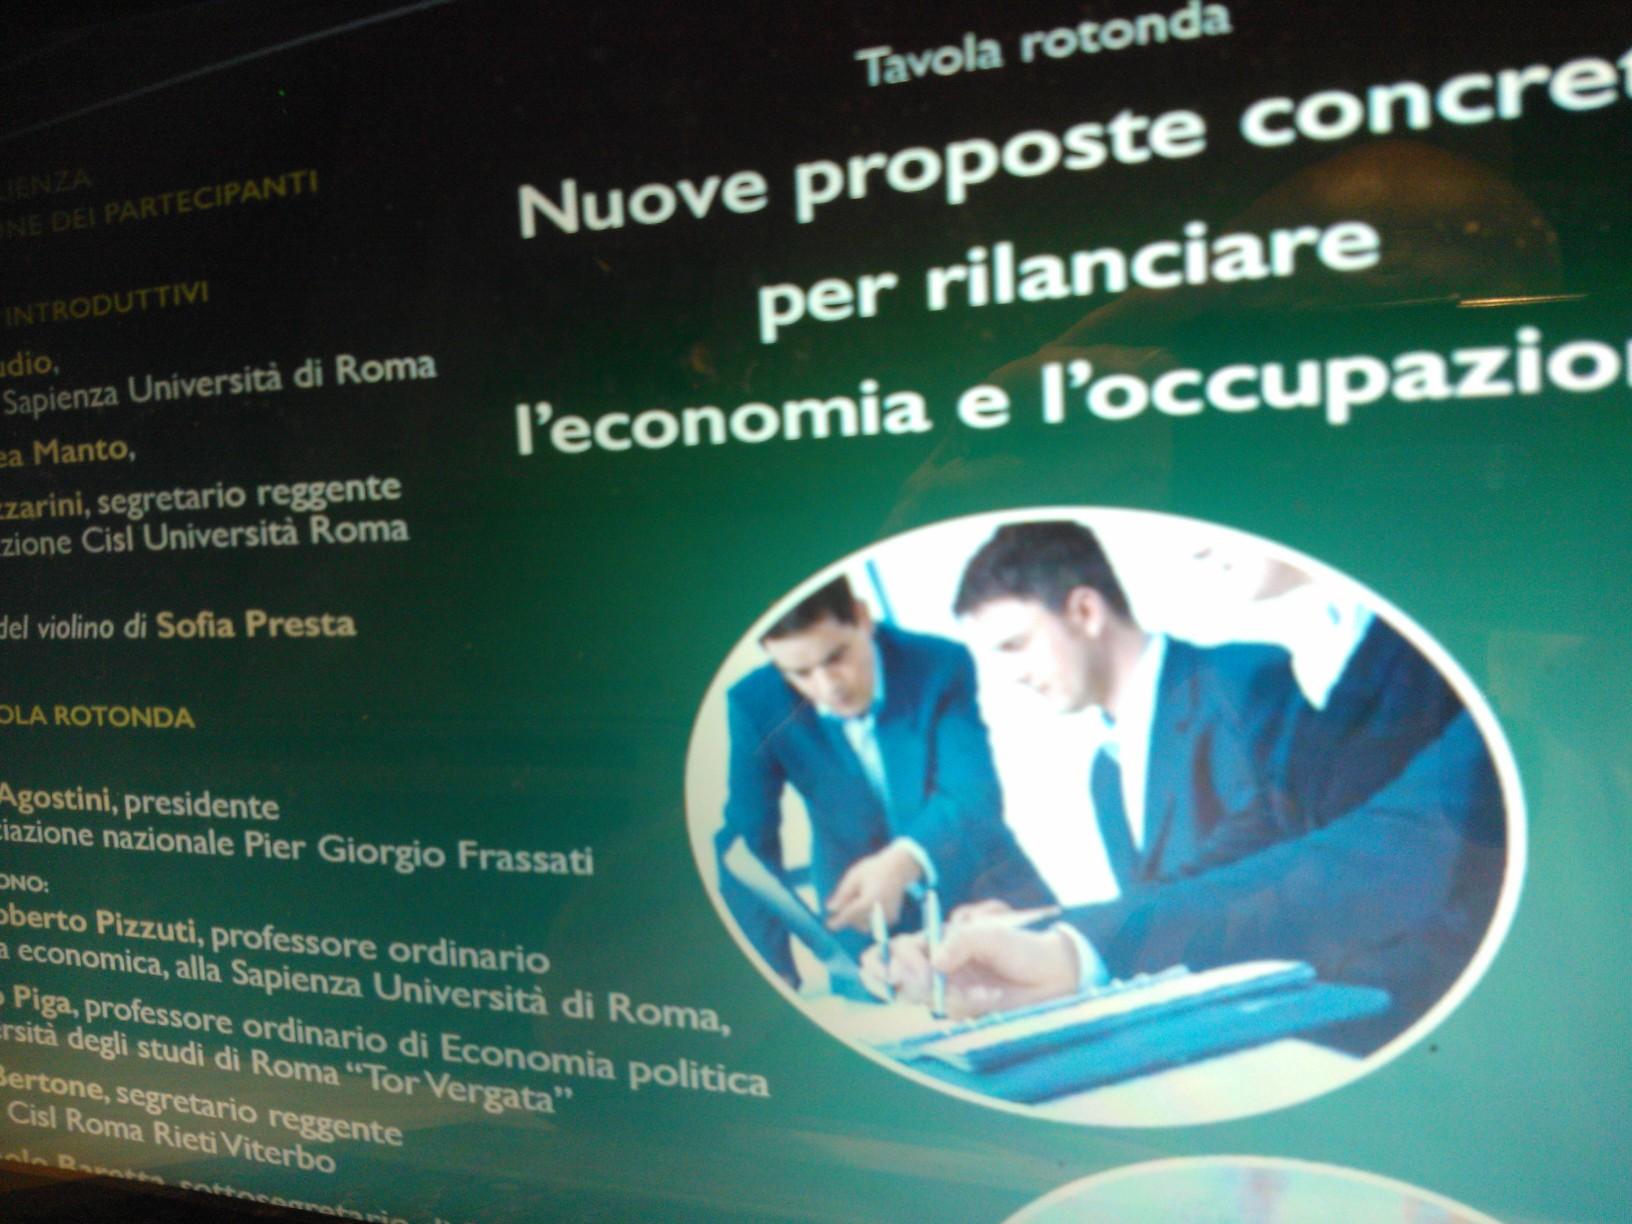 """Tavola Rotonda """"Nuove proposte Concrete per il Rilancio dell'Economia e dell'Occupazione"""" Roma, lunedì 28 settembre 2015"""